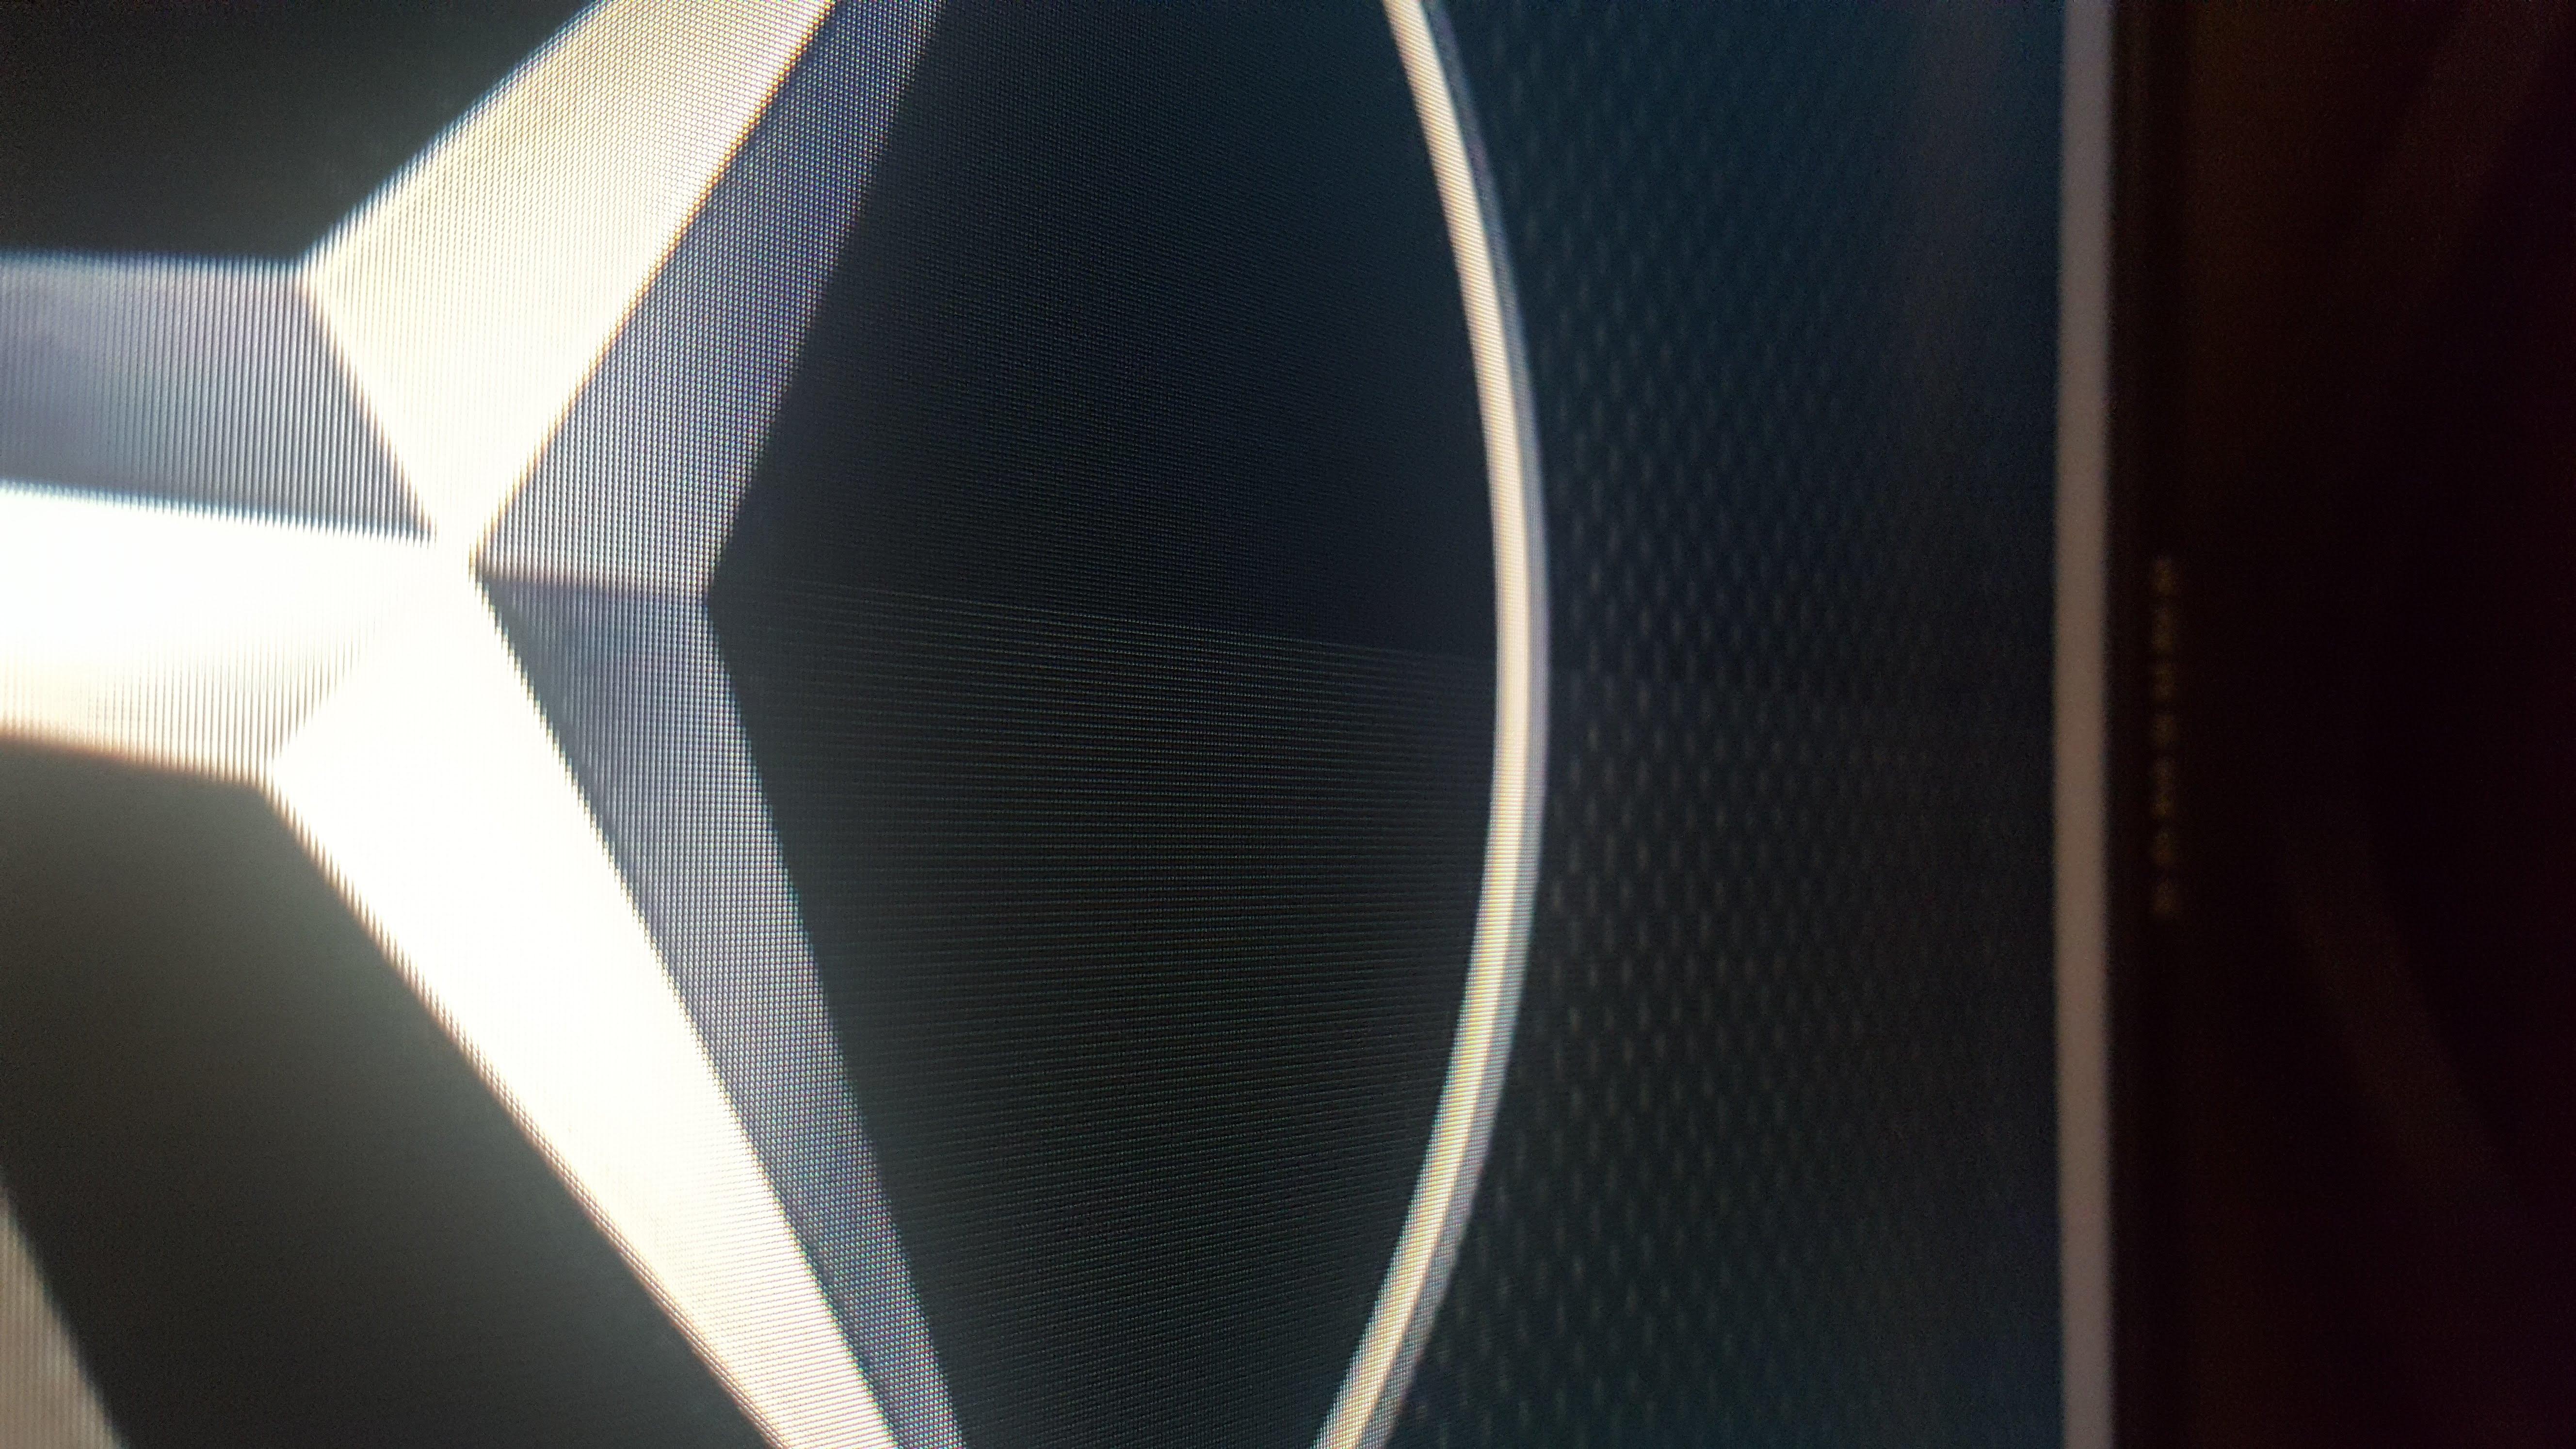 https://image.noelshack.com/fichiers/2019/43/7/1572131219-logo-mercedes.jpg